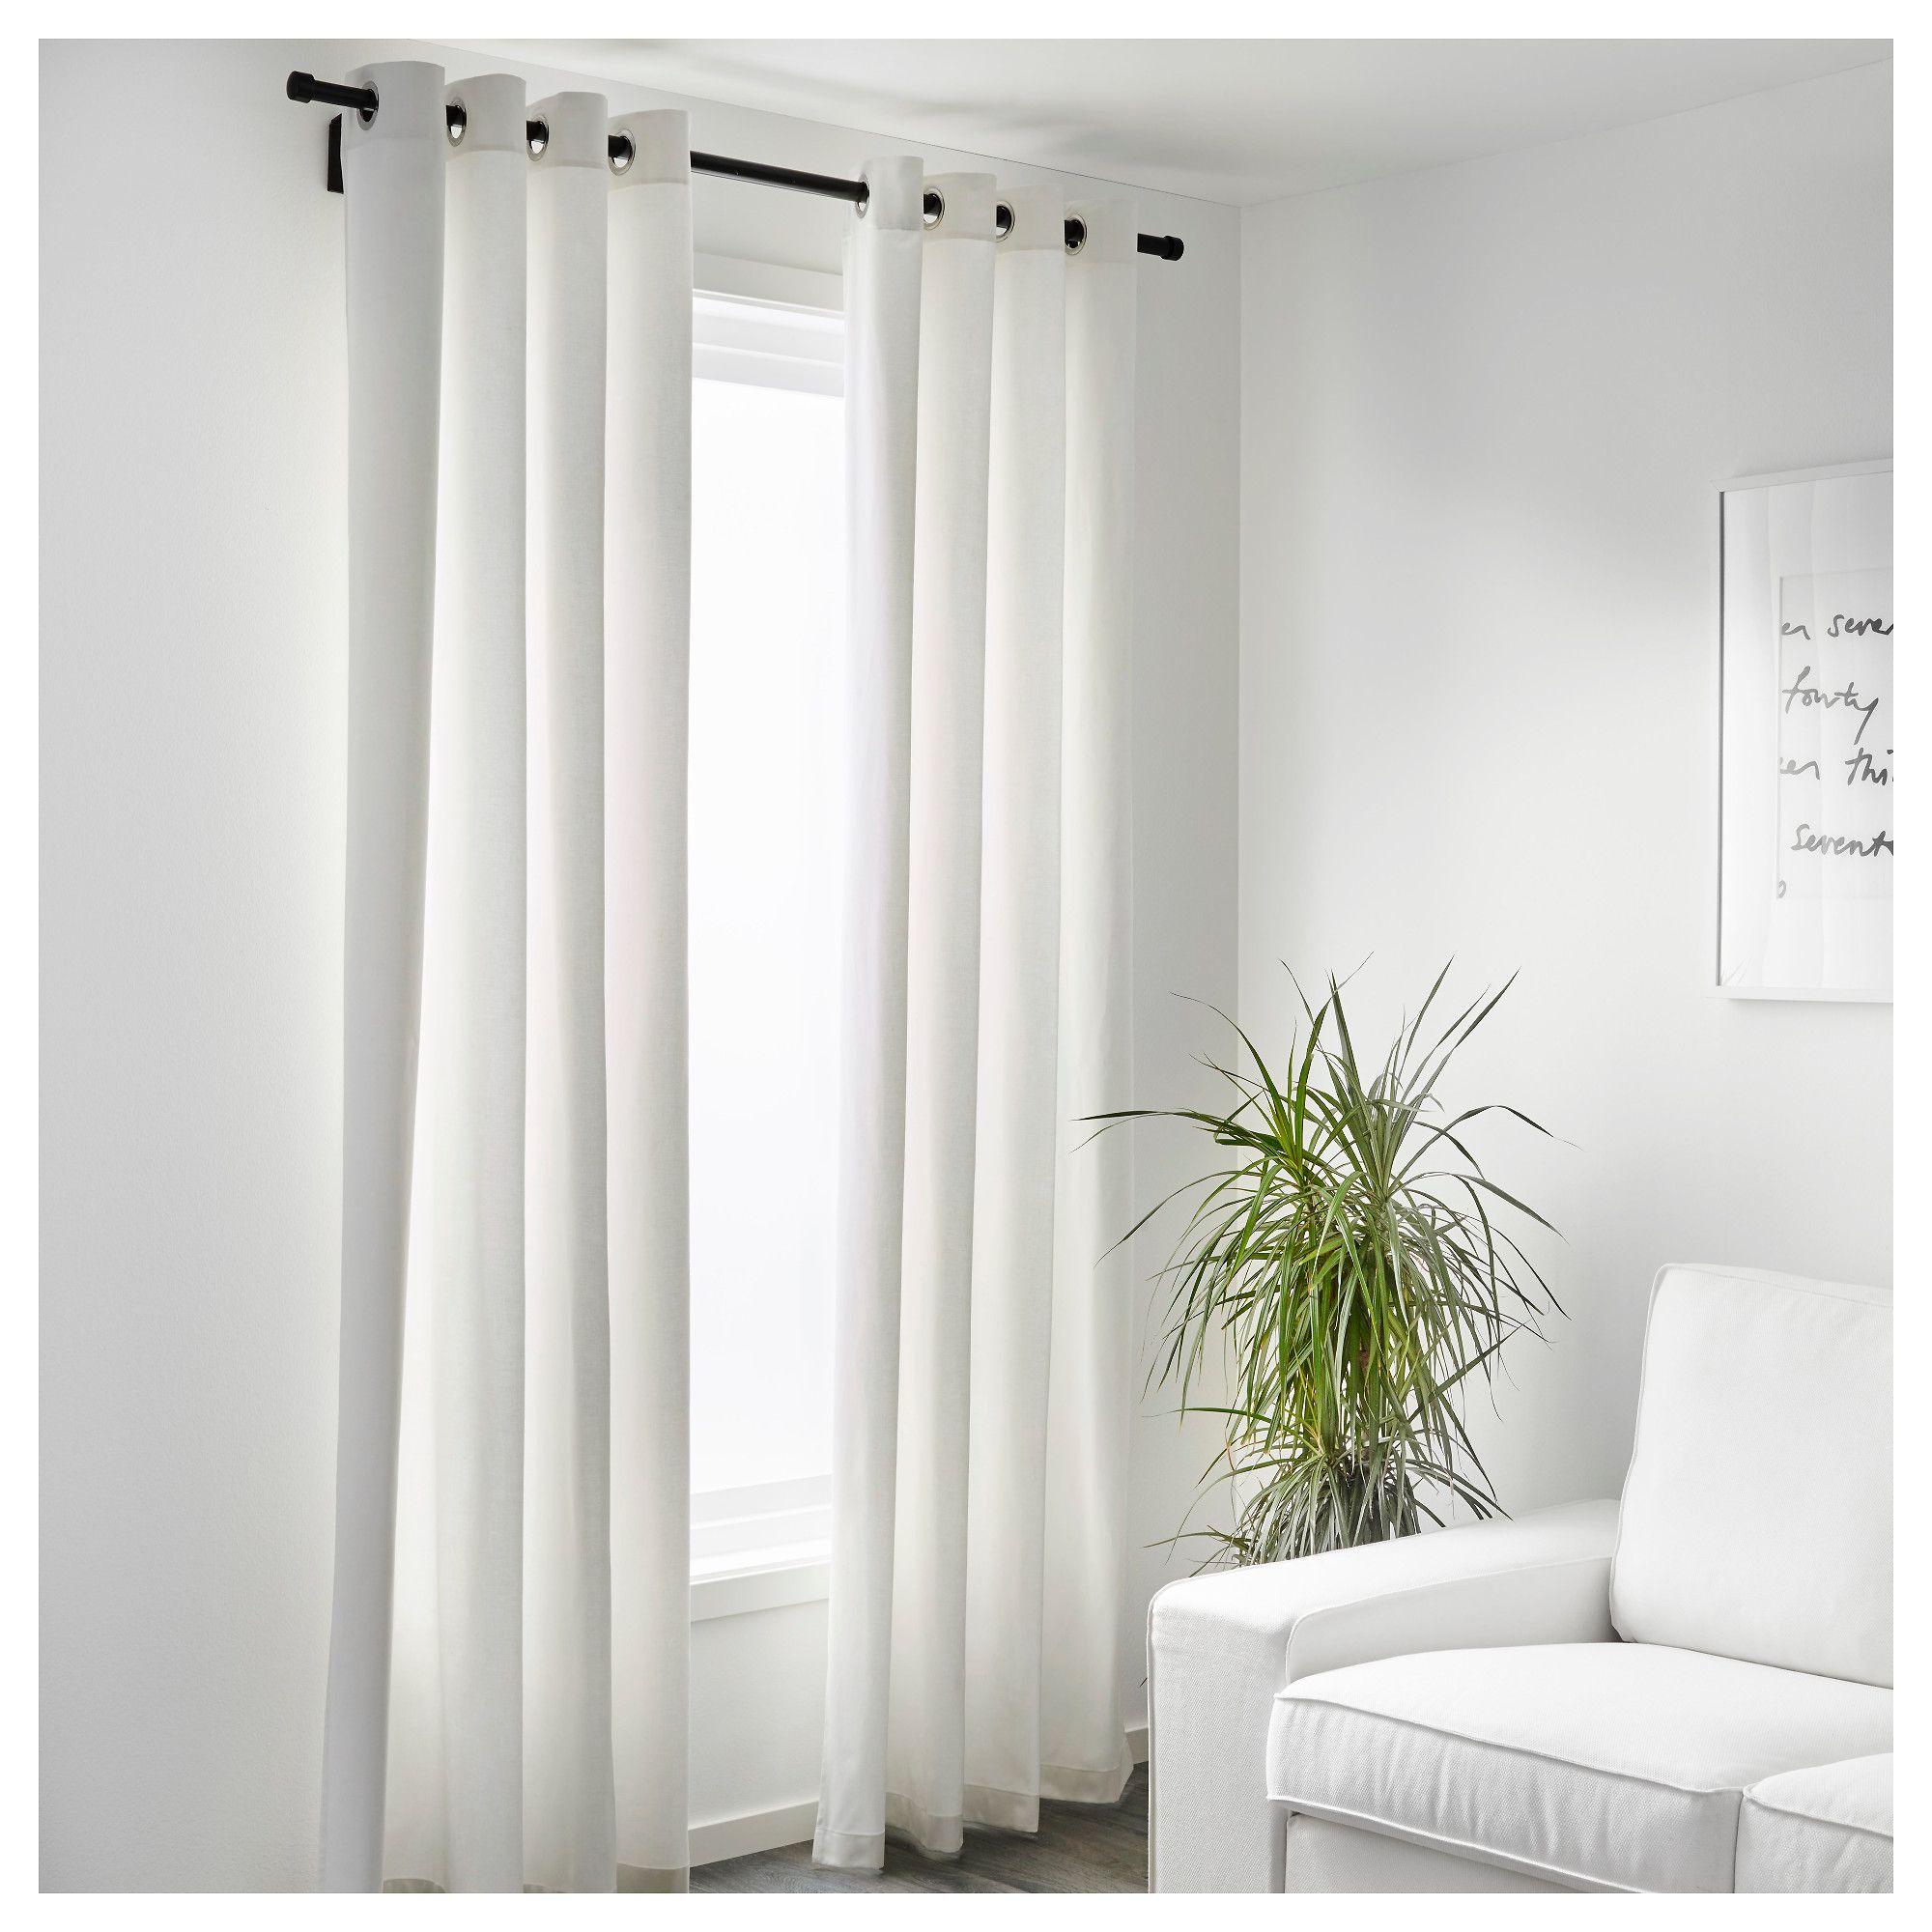 Ikea Merete Room Darkening Curtains 1 Pair Bleached